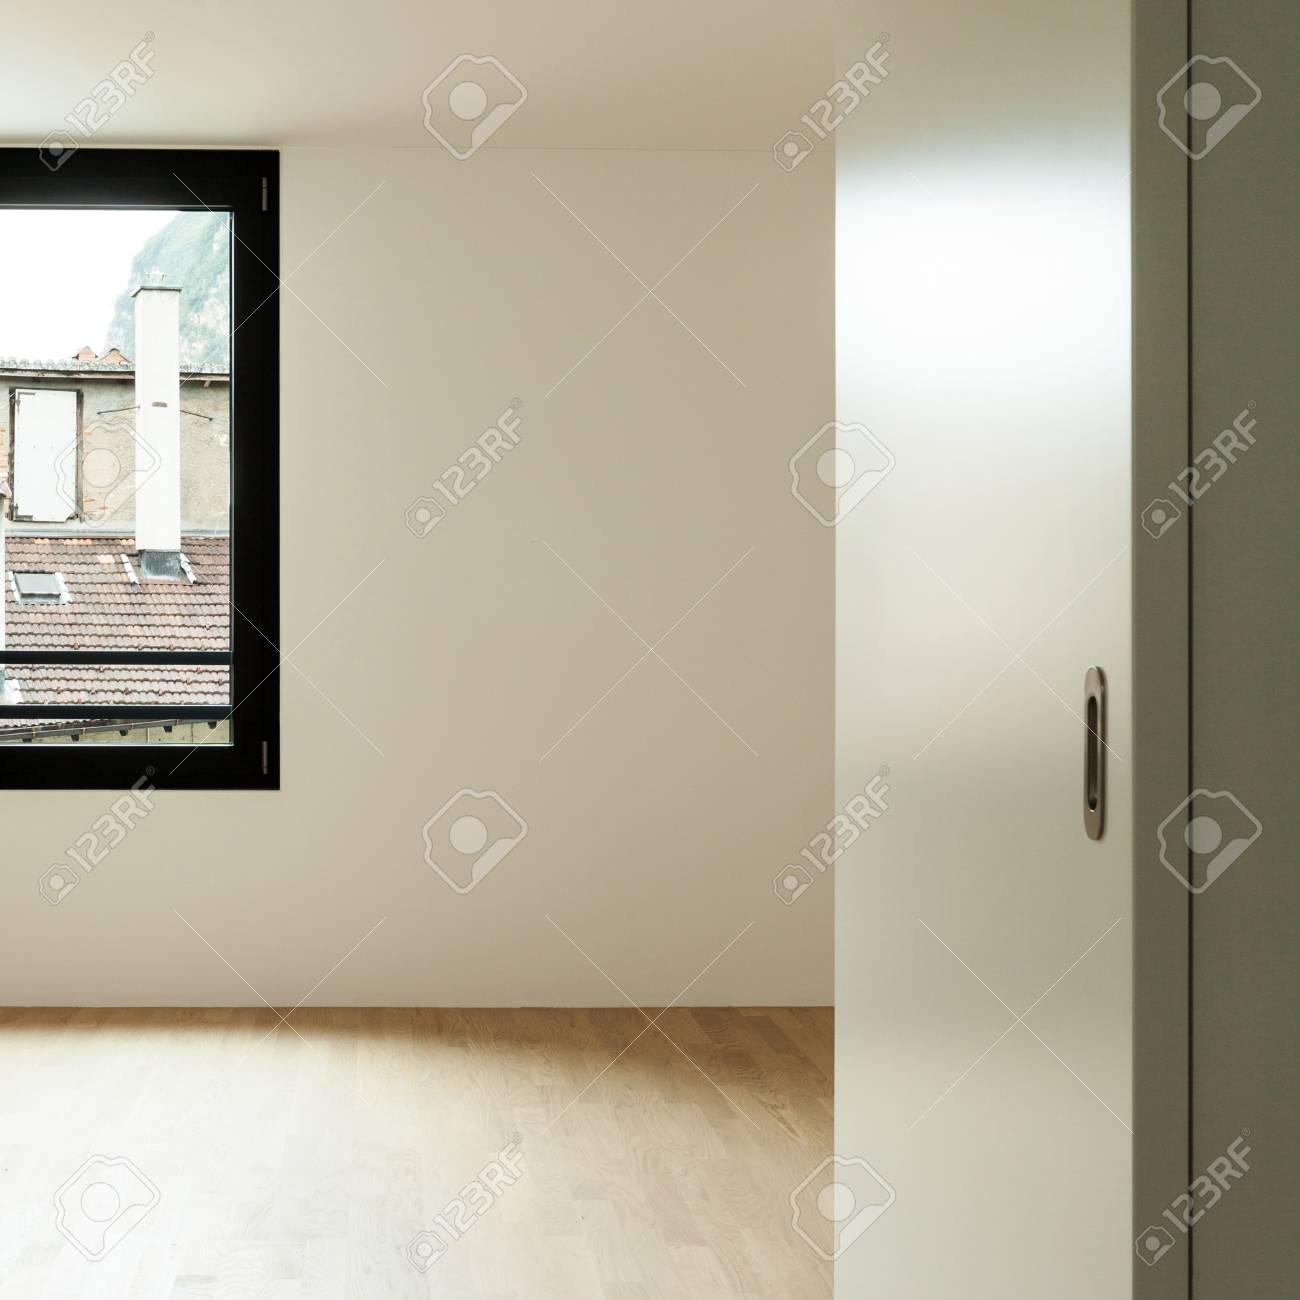 Innen Neues Haus, Zimmer Blick Von Tür Offen Lizenzfreie Fotos ...